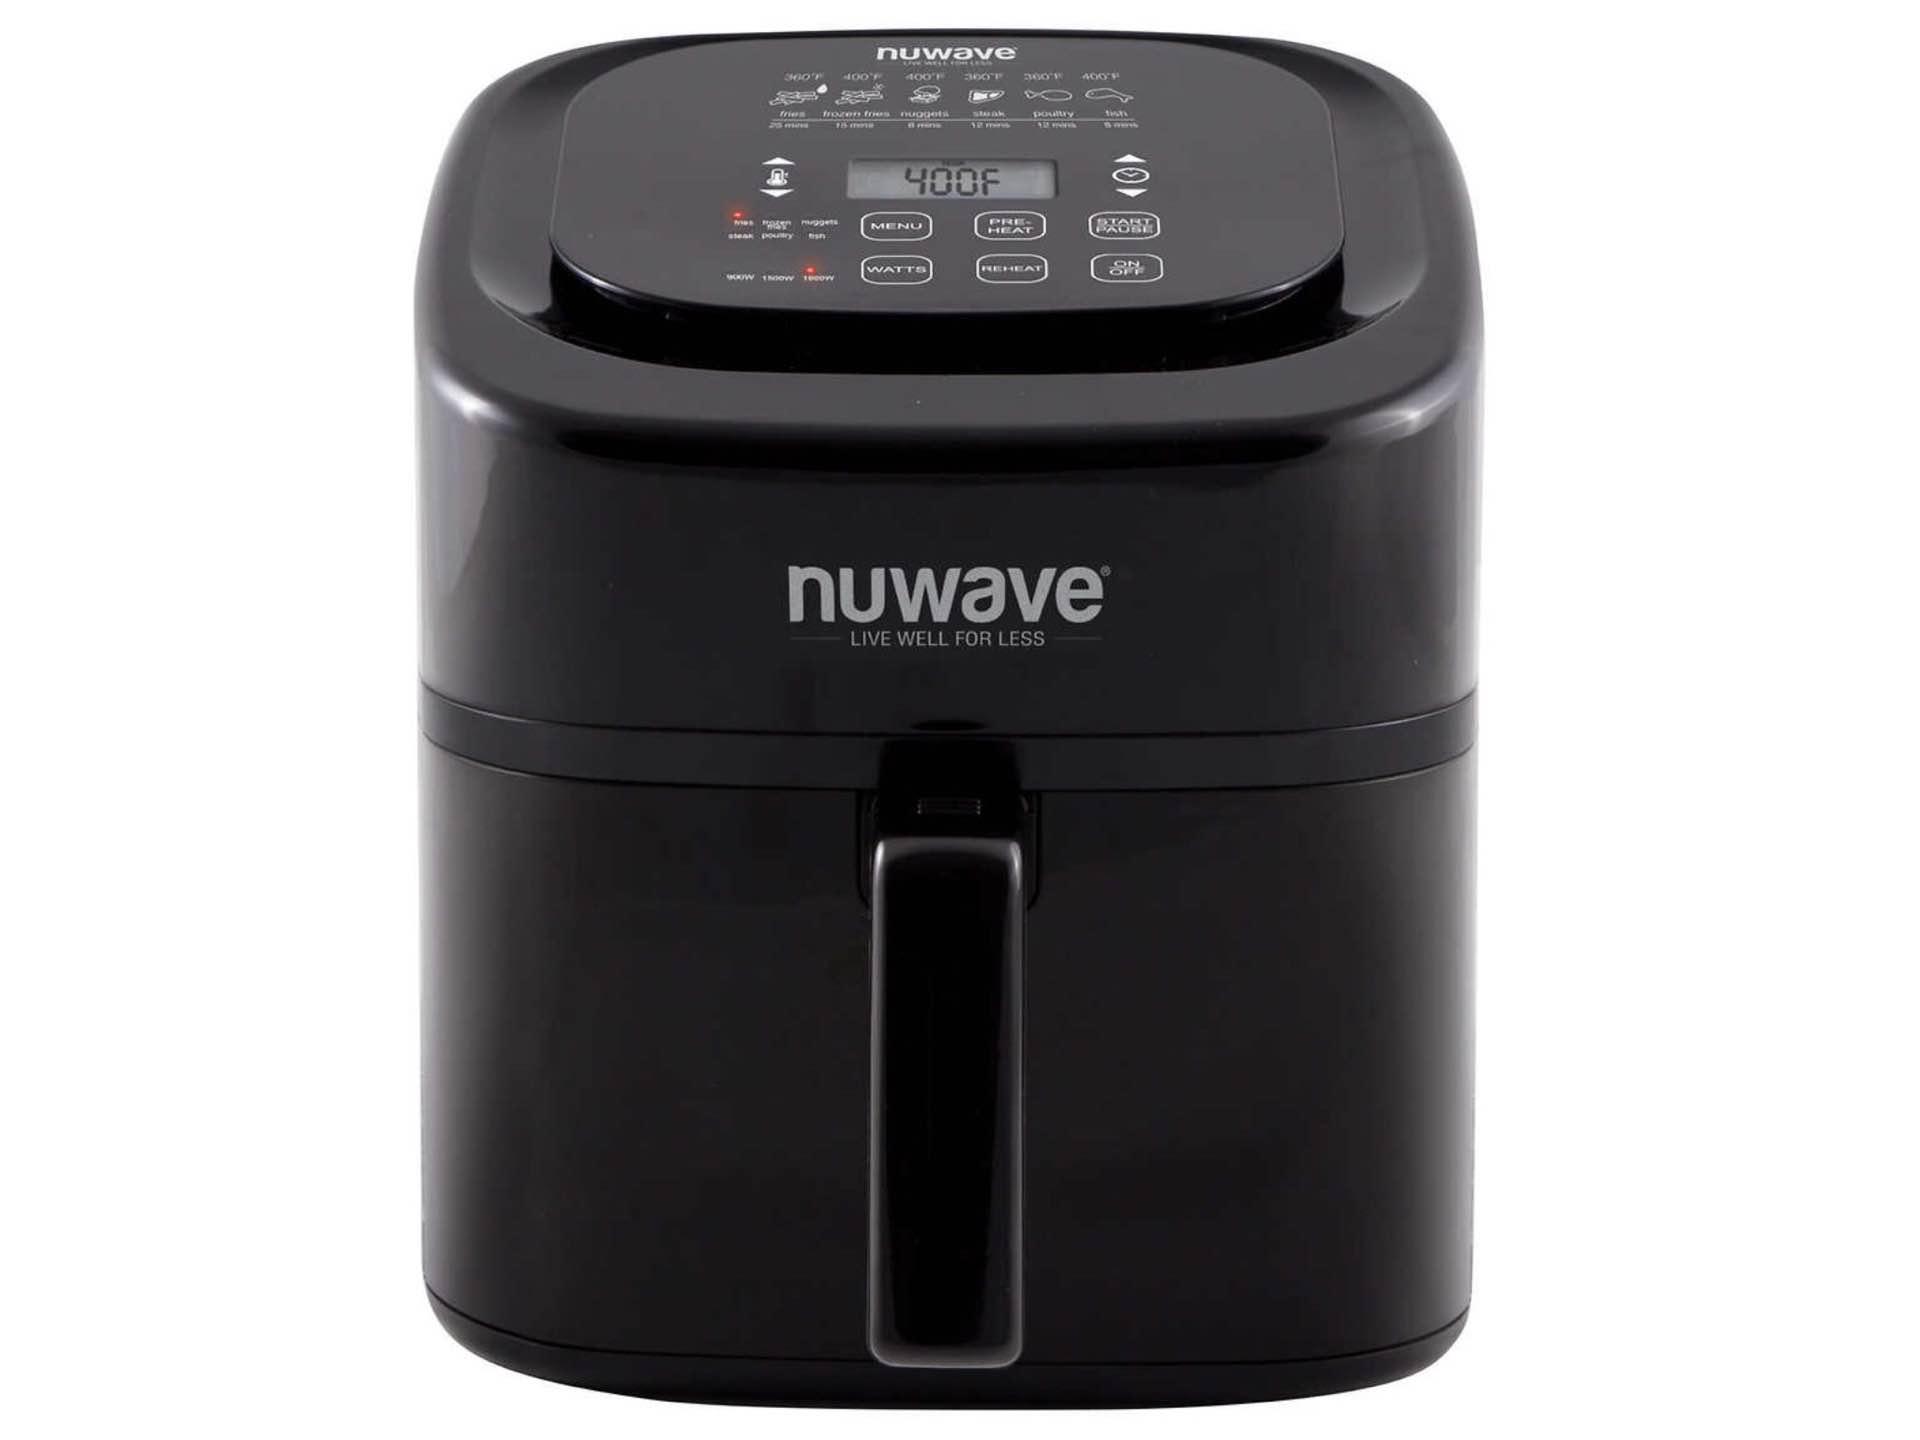 nuwave-brio-6-quart-air-fryer